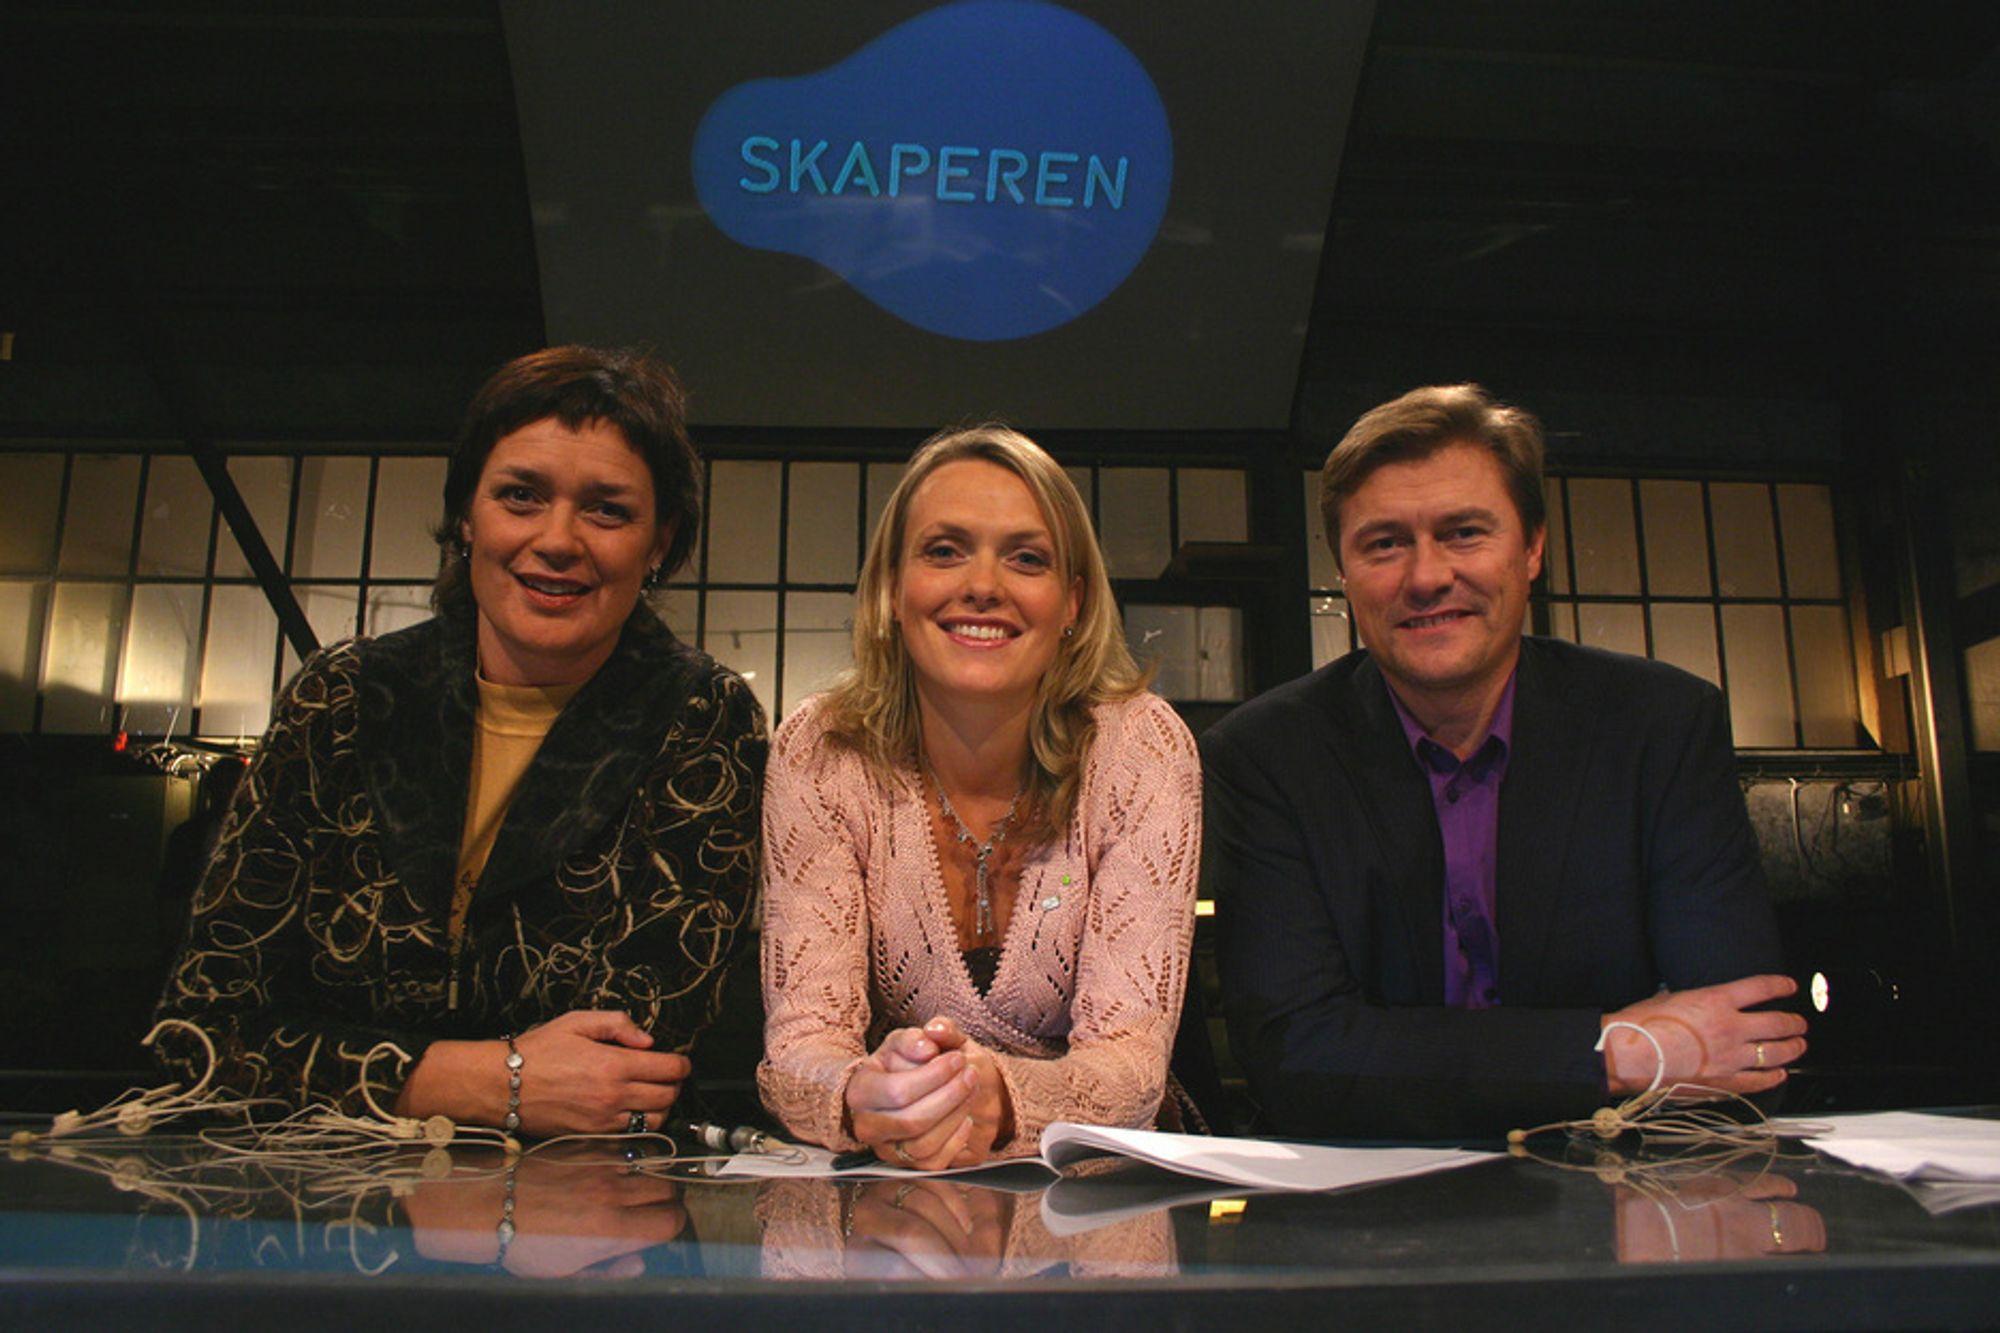 BYTTES UT: Anne Kathrine Slungård (f.v.), Randi Egge Husby og Idar Vollvik skal byttes ut med nye dommere. Hvem dette blir er ennå ikke klart.